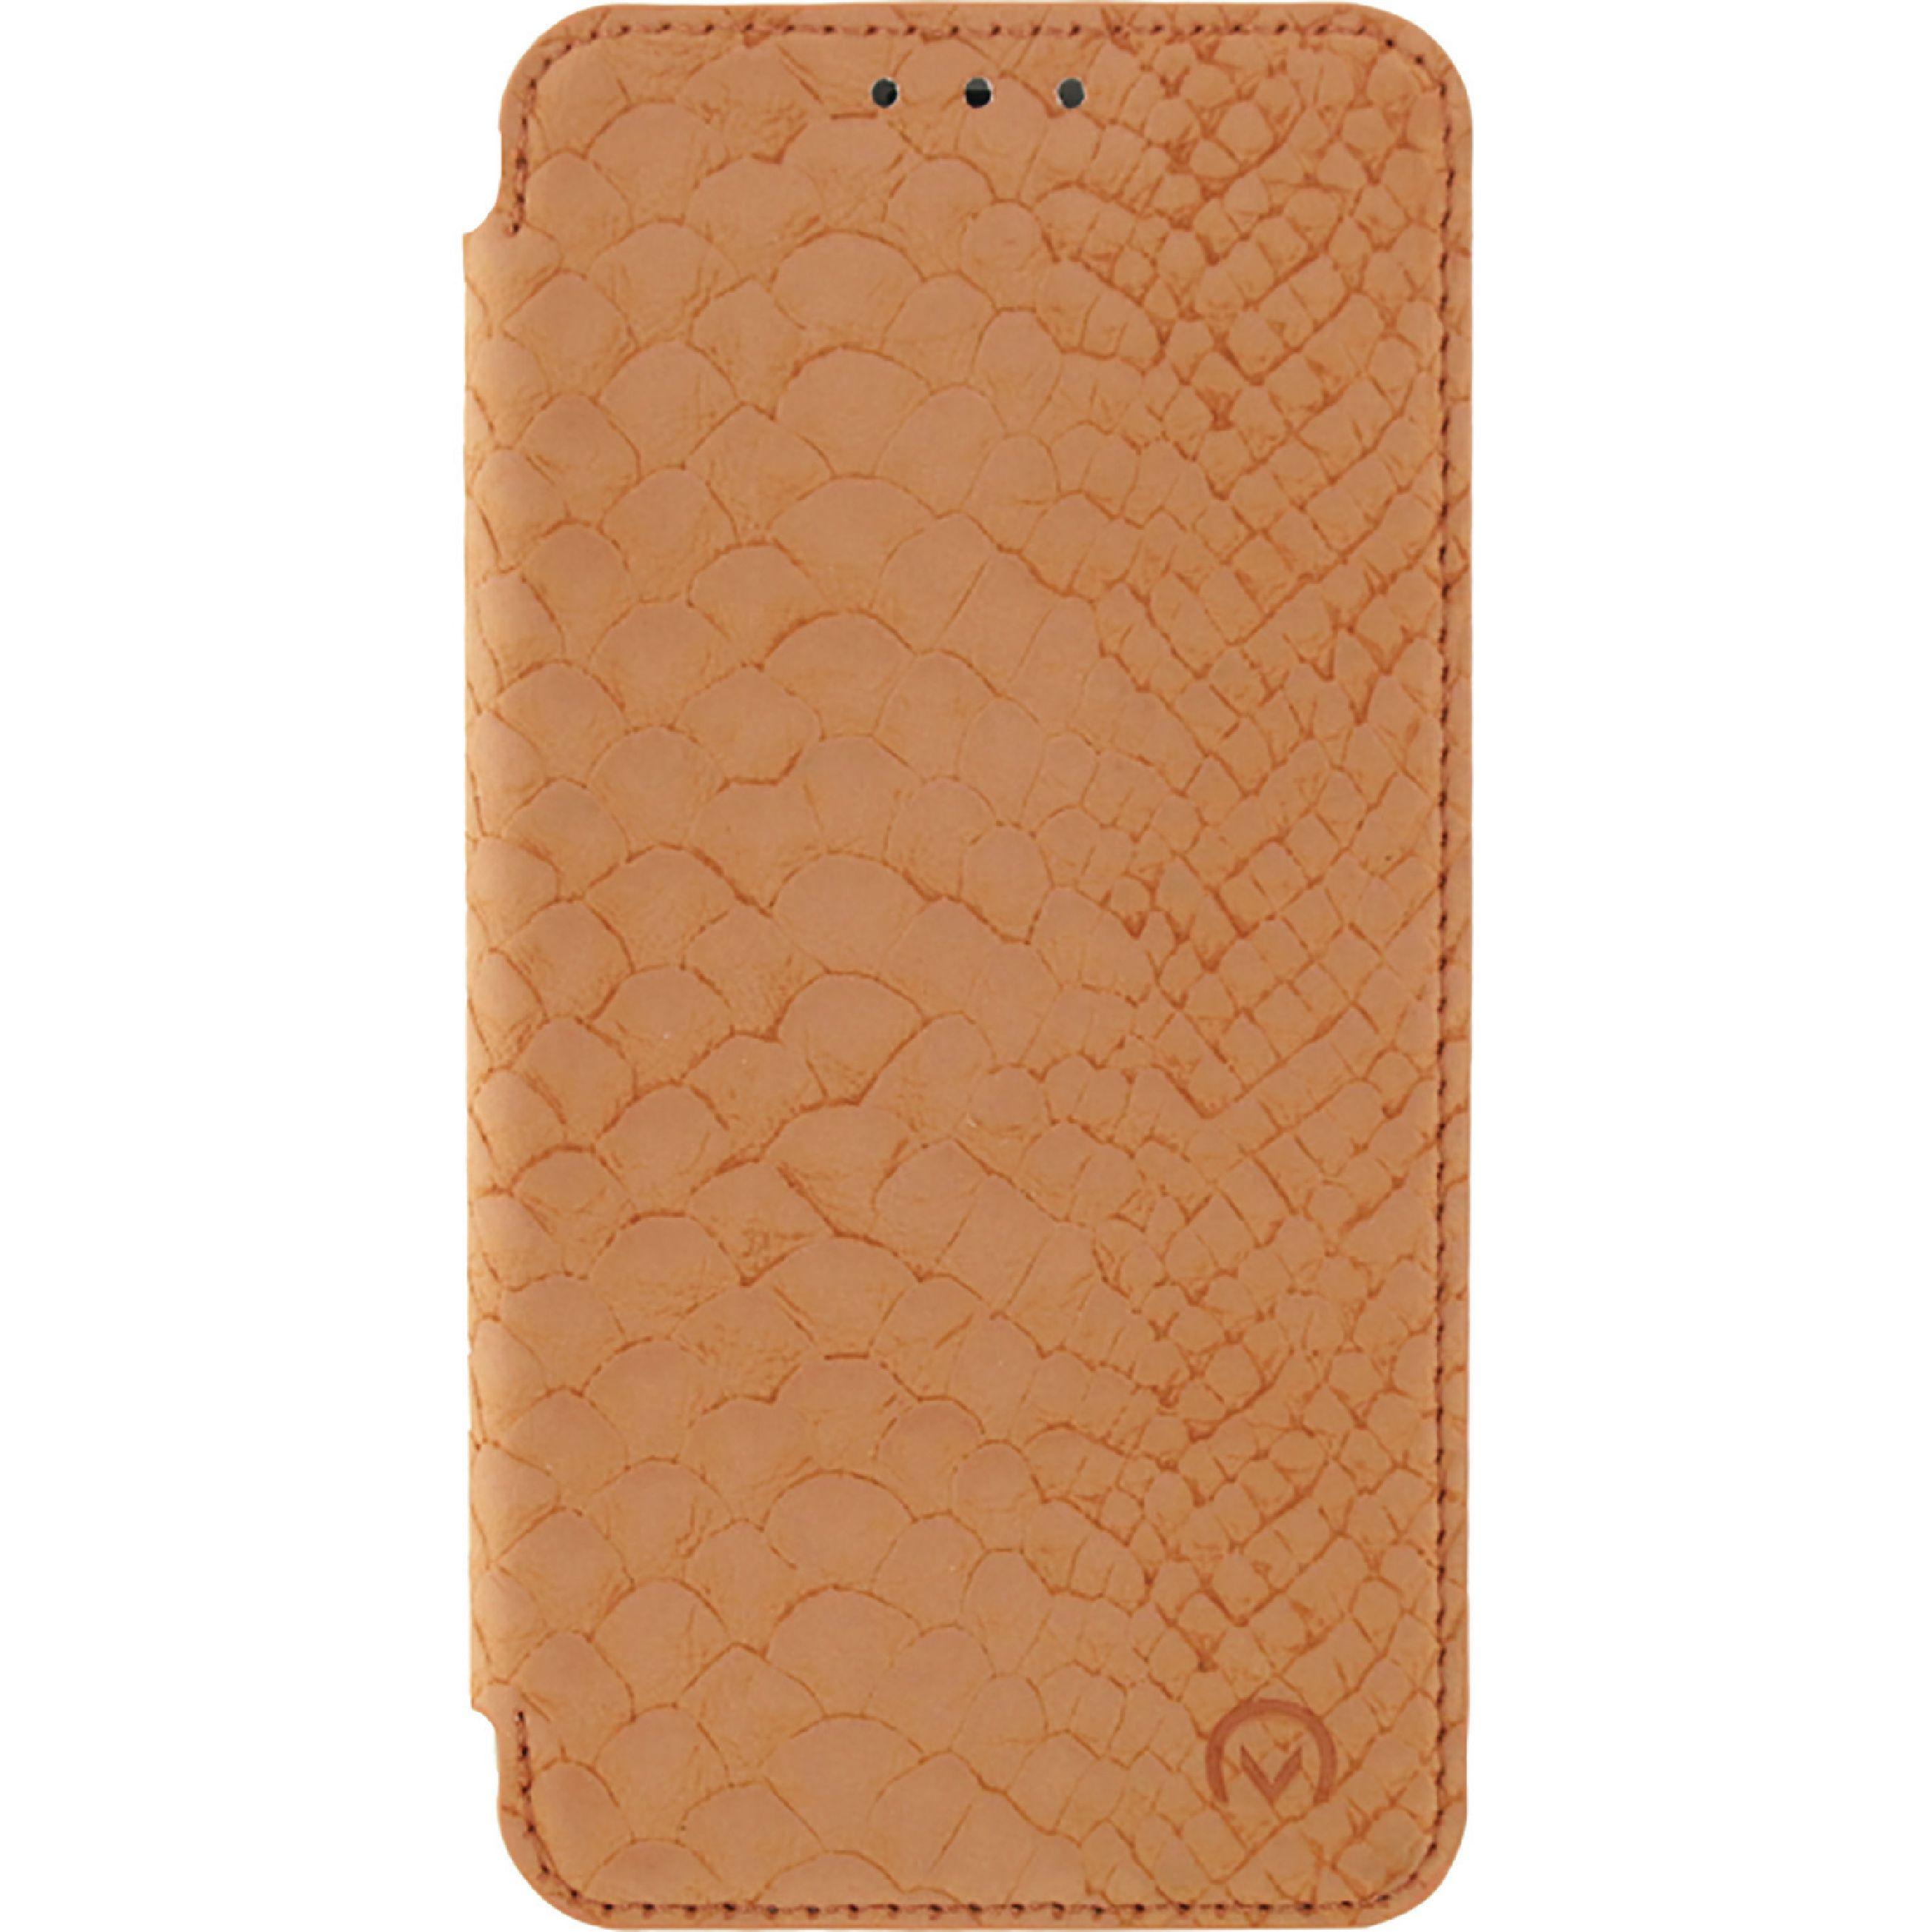 Image of   Telefon Slankt og Blødt Booklet-etui Samsung Galaxy J5 2016 Orange